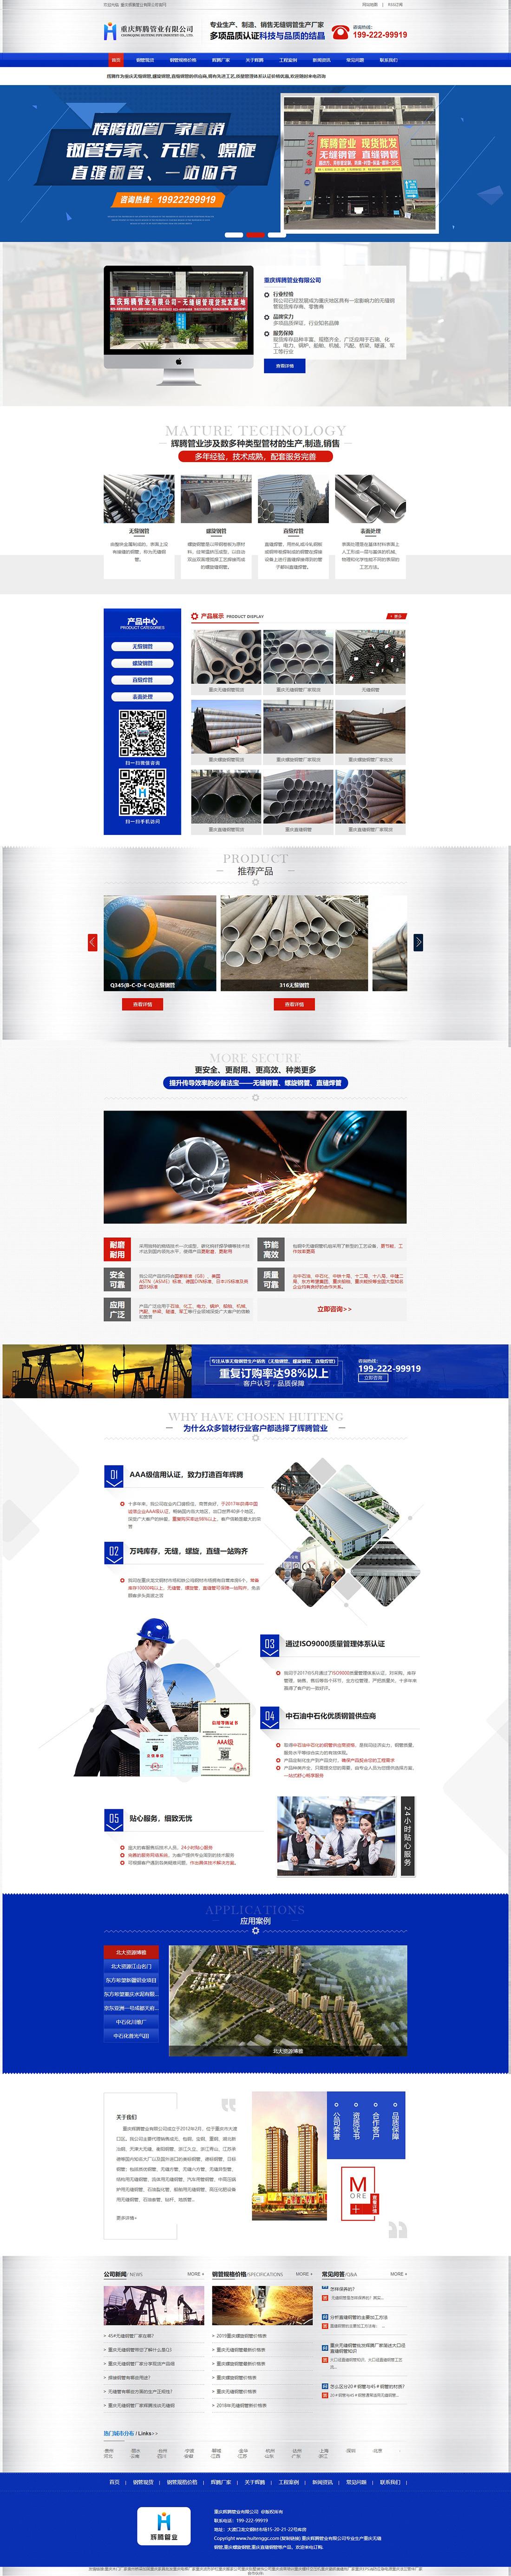 重庆辉腾管业有限公司网站建设案